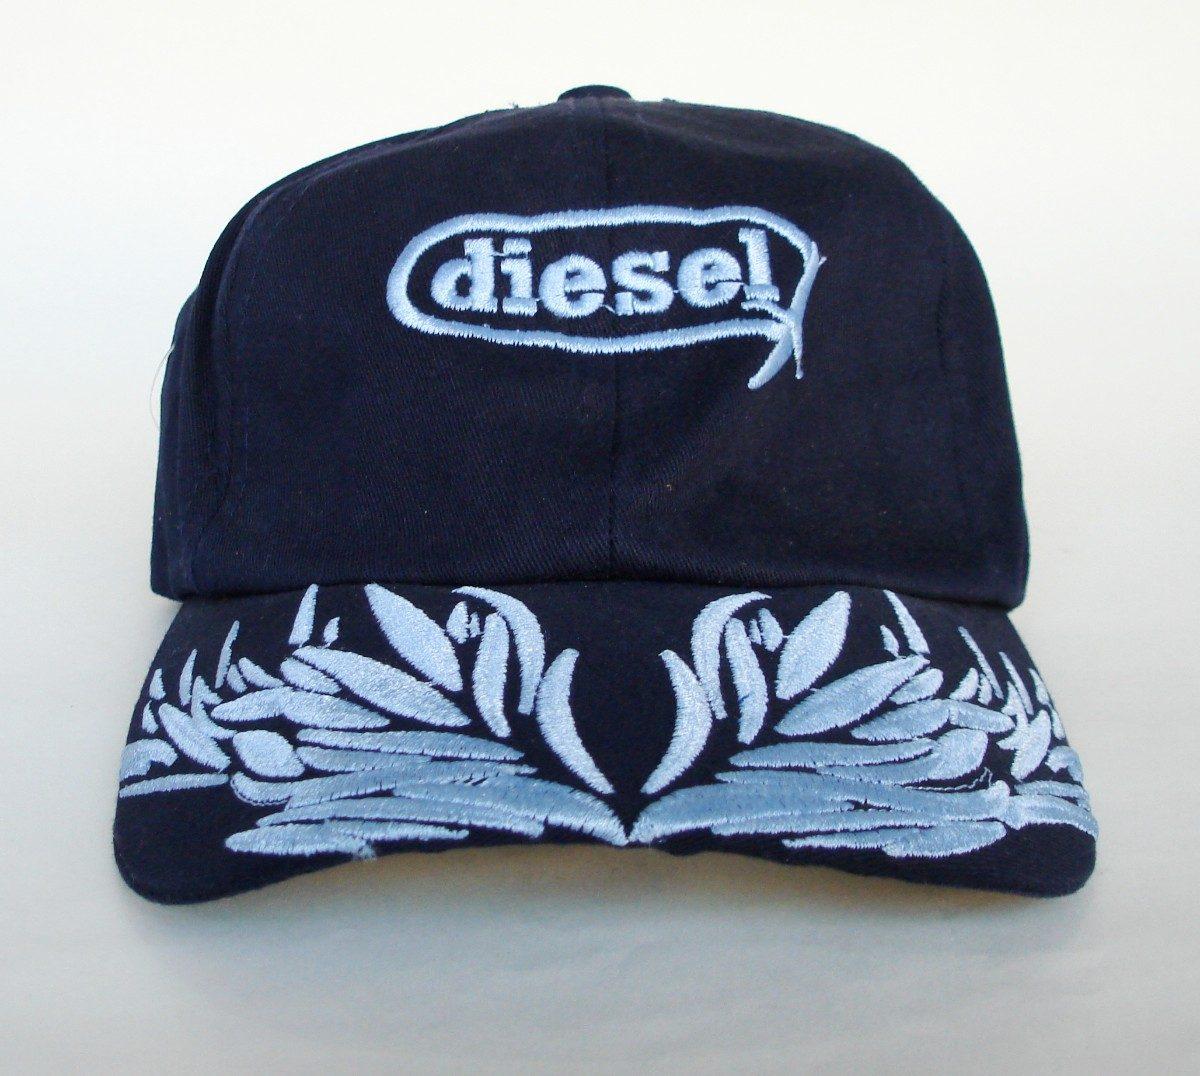 gorras diesel nuevas 100% originales aprovecha ultimas hm4. Cargando zoom. 4b677478b2f